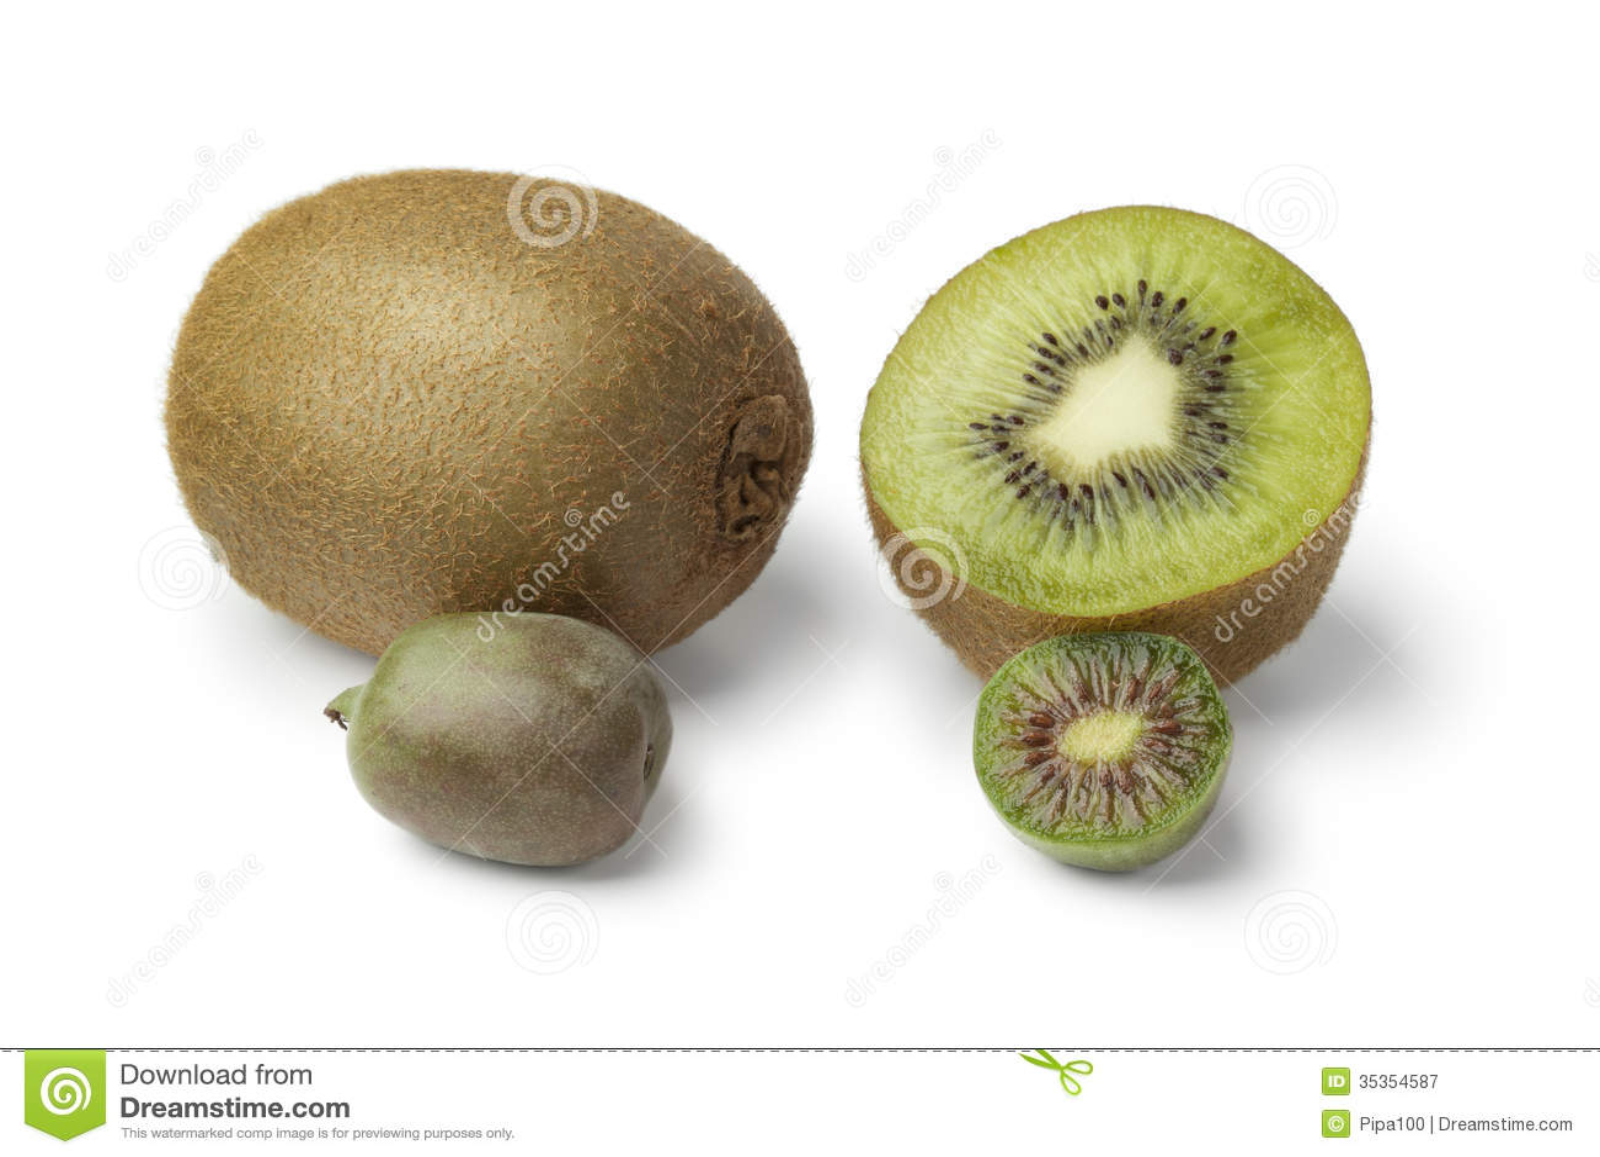 mr fruit kiwi fruit